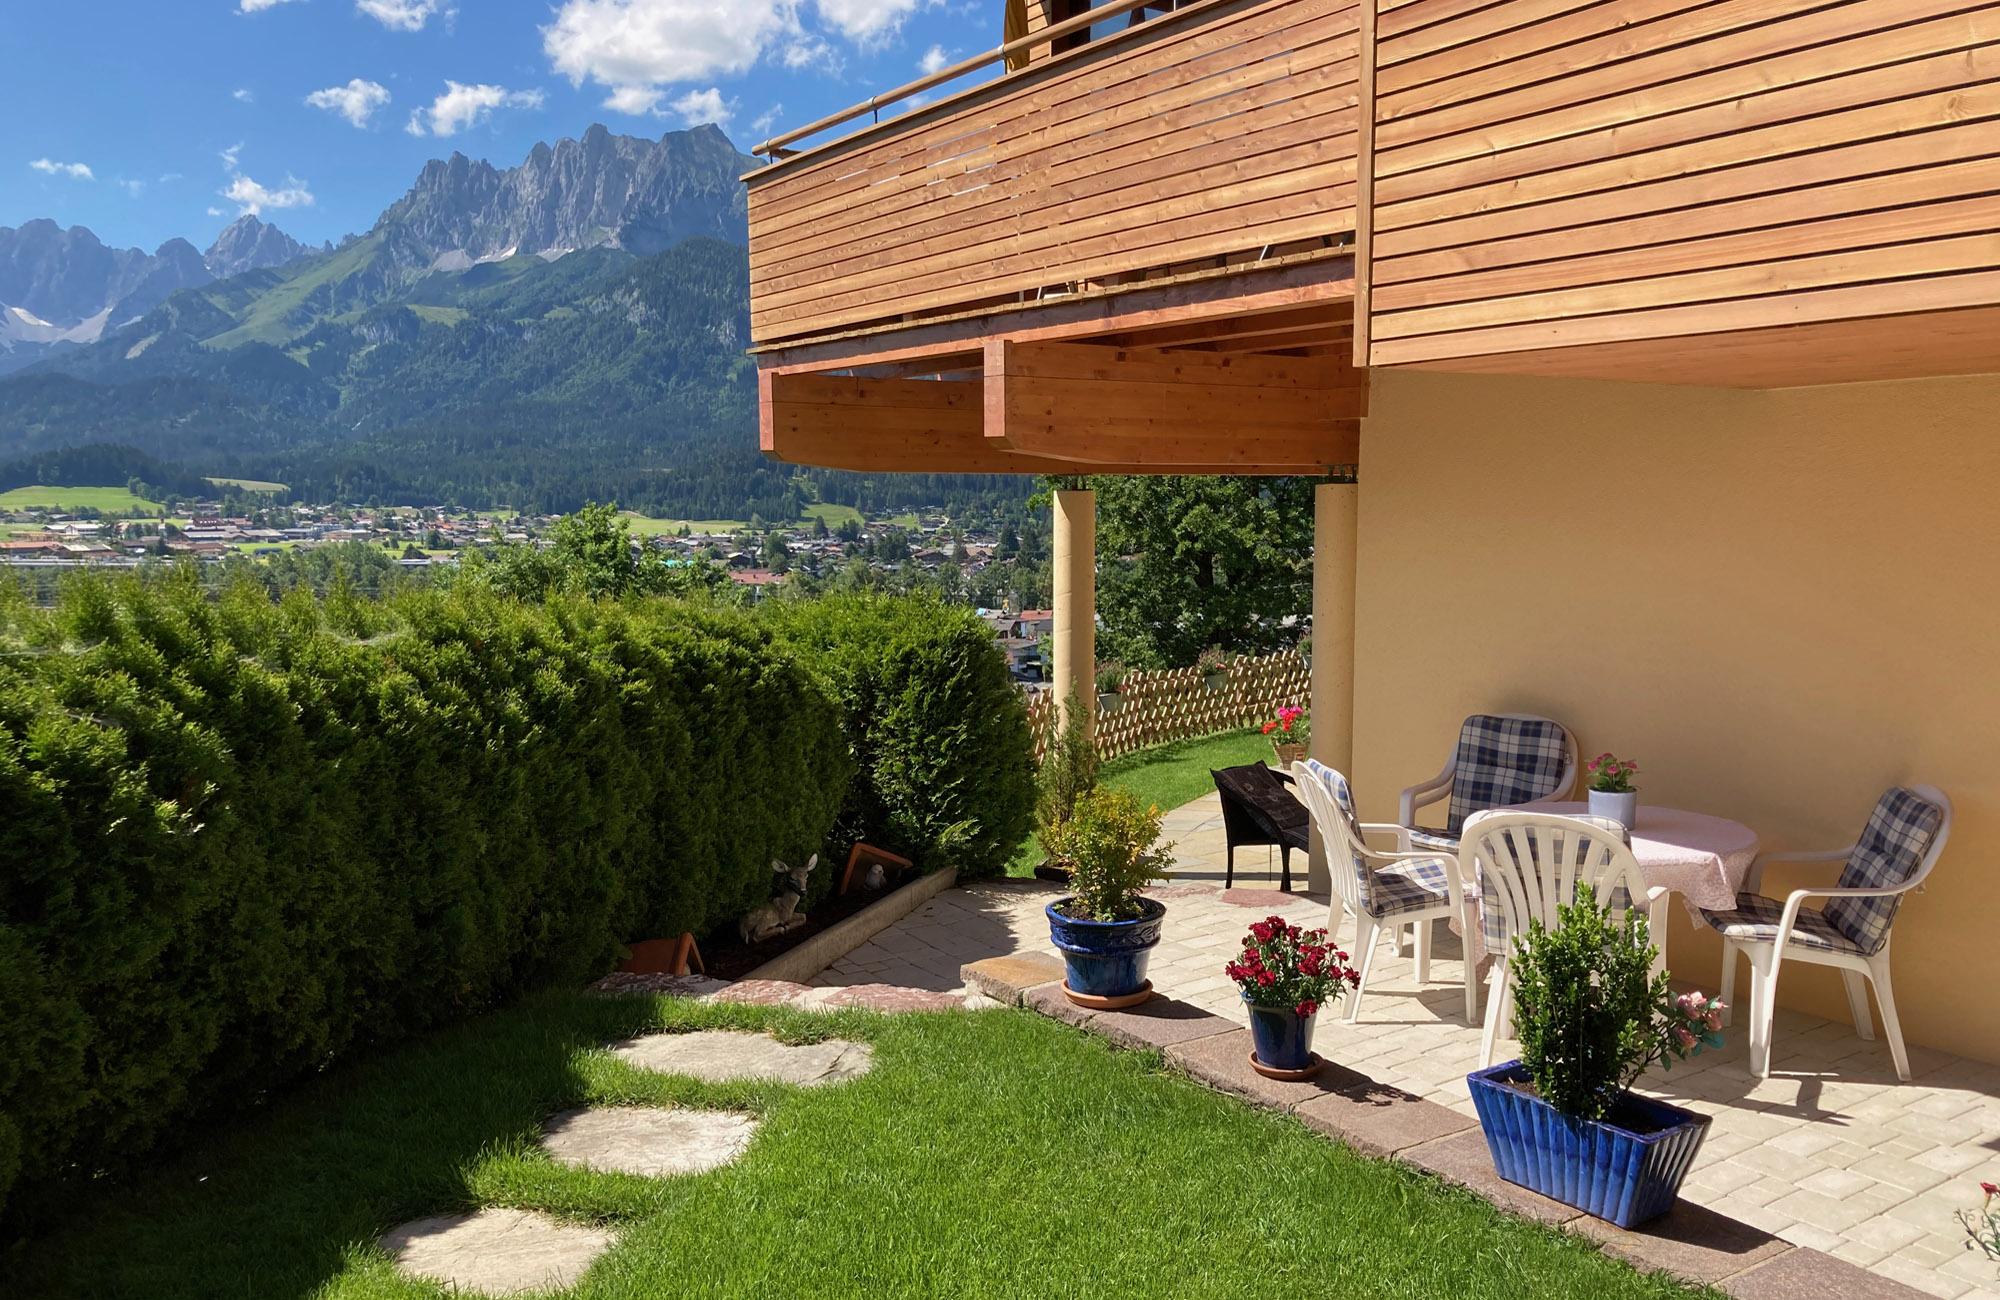 Familienfreundliche Ferienwohnung Kalkstein im Aparthotel Sonnleitn mit Ausblick zum Wilden Kaiser 7